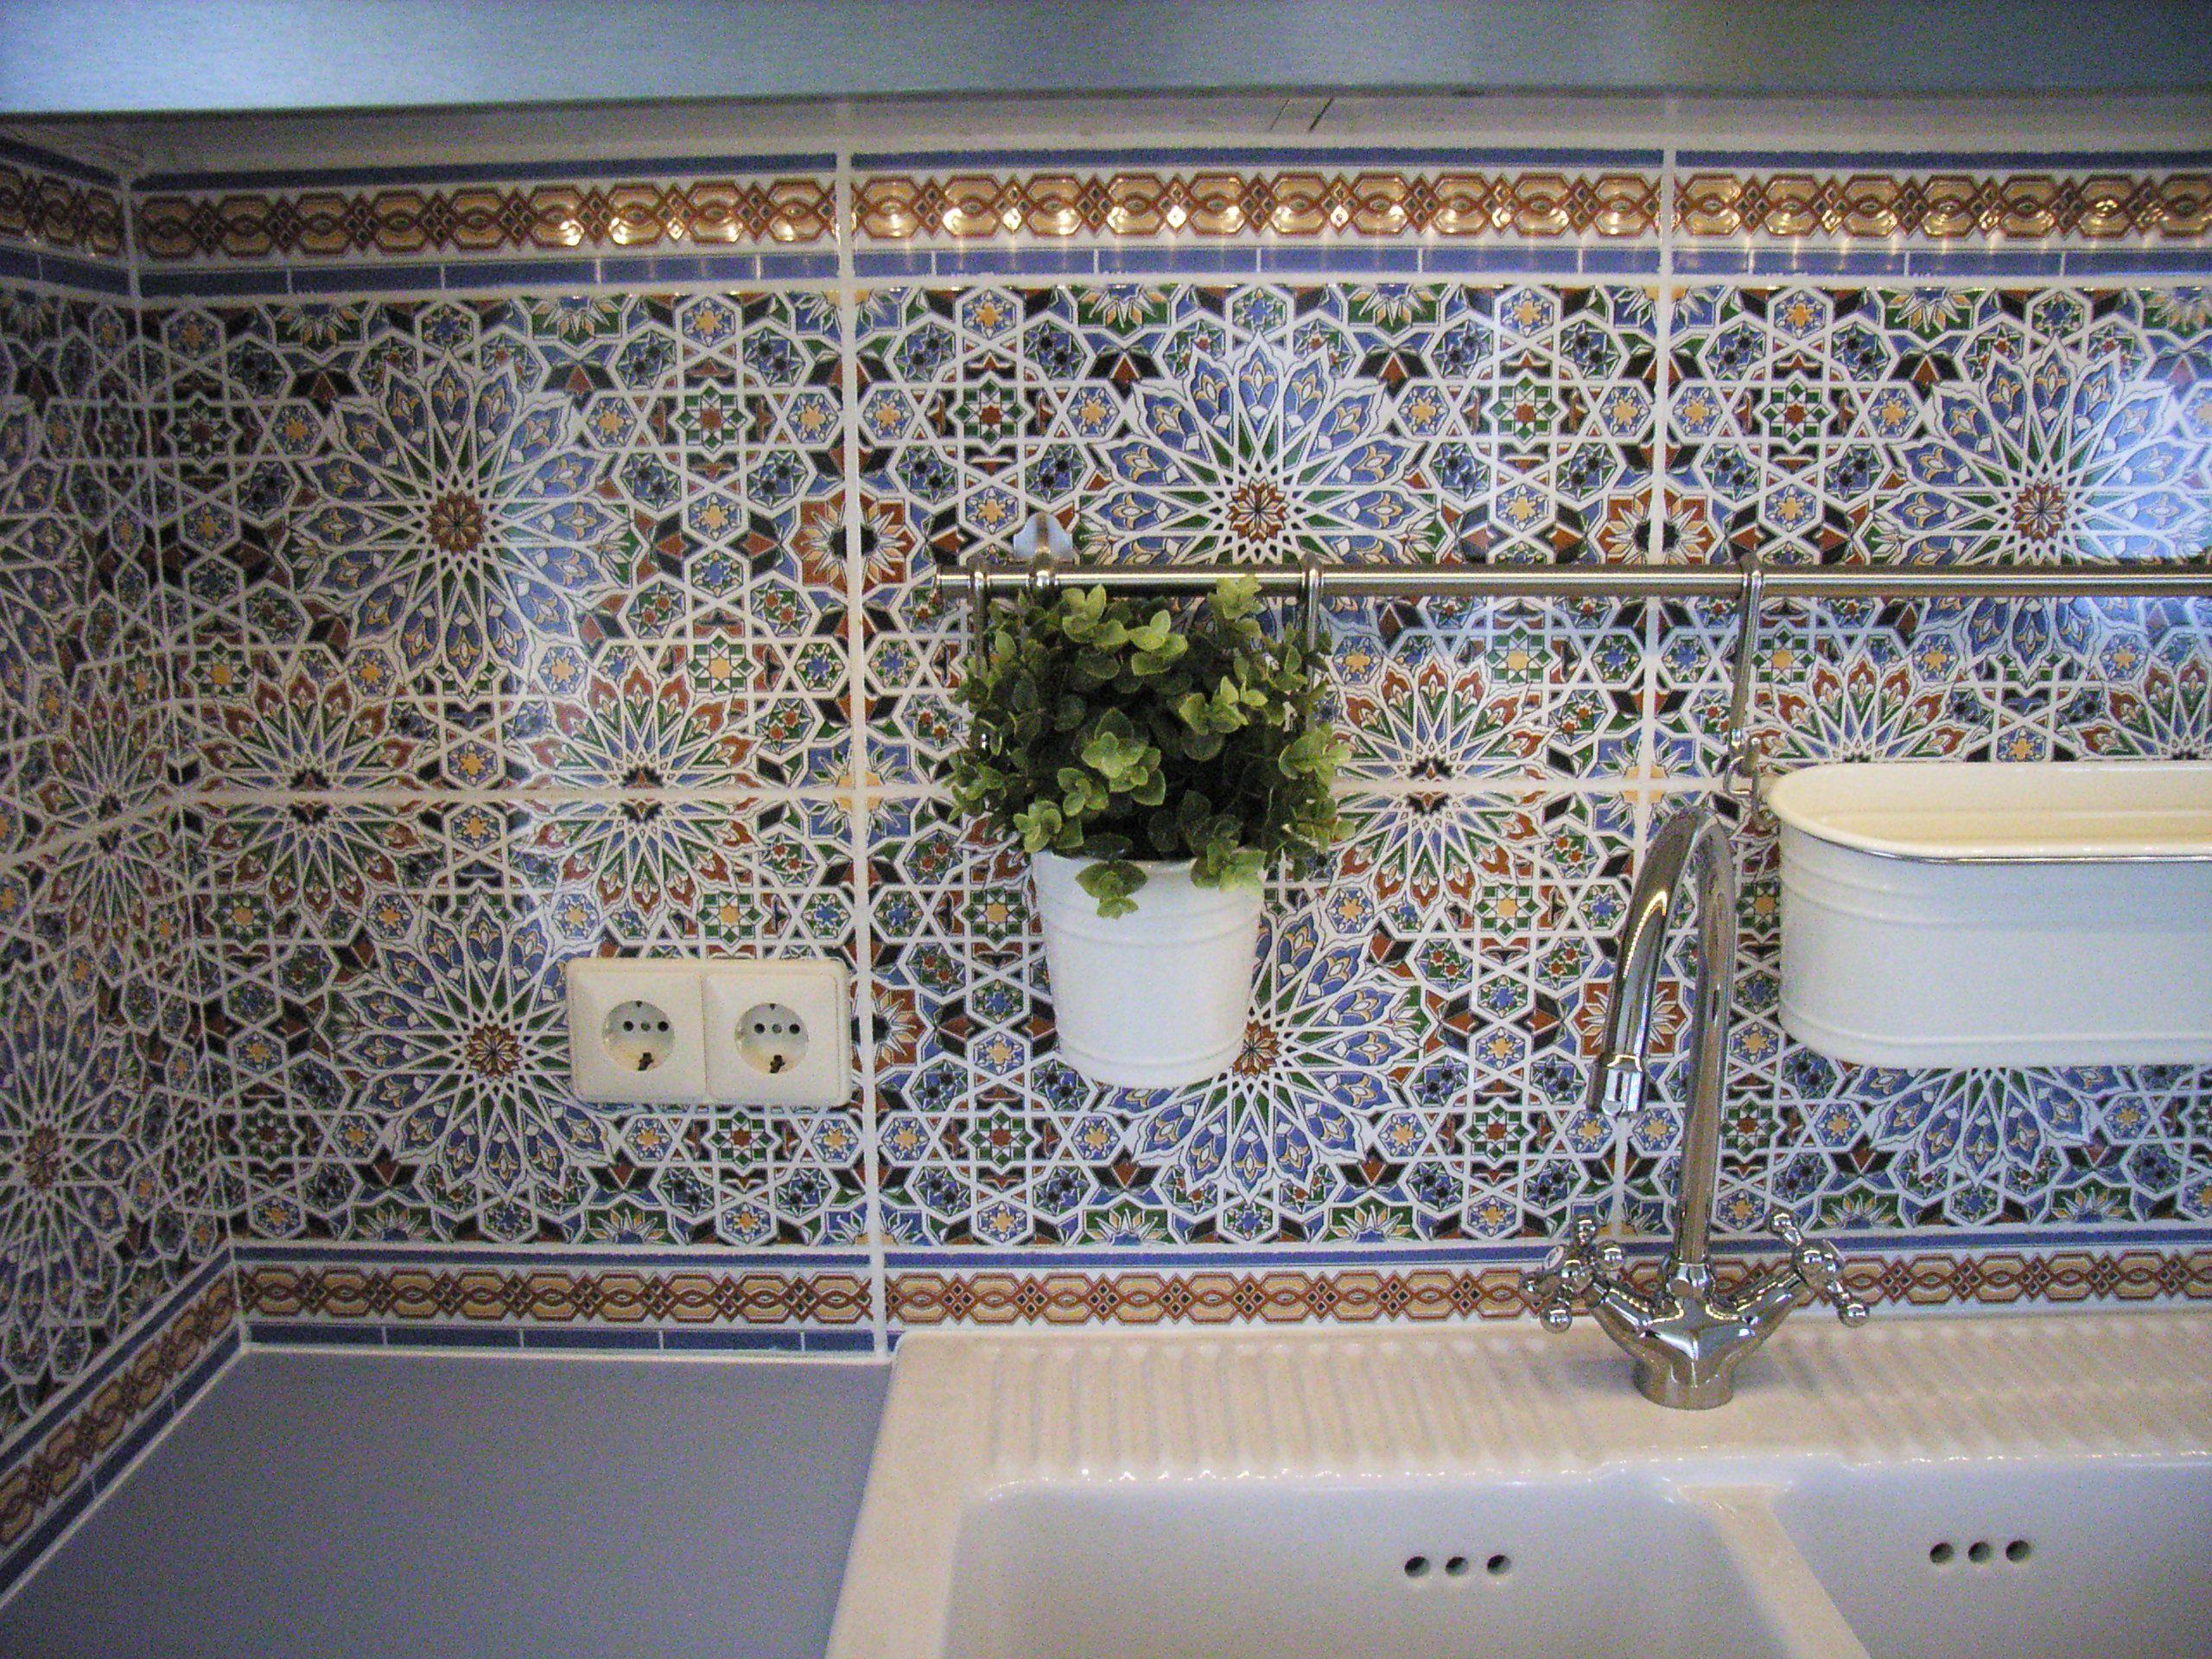 Hammam Badkamer Ideeen : Hammam badkamer google zoeken badkamer